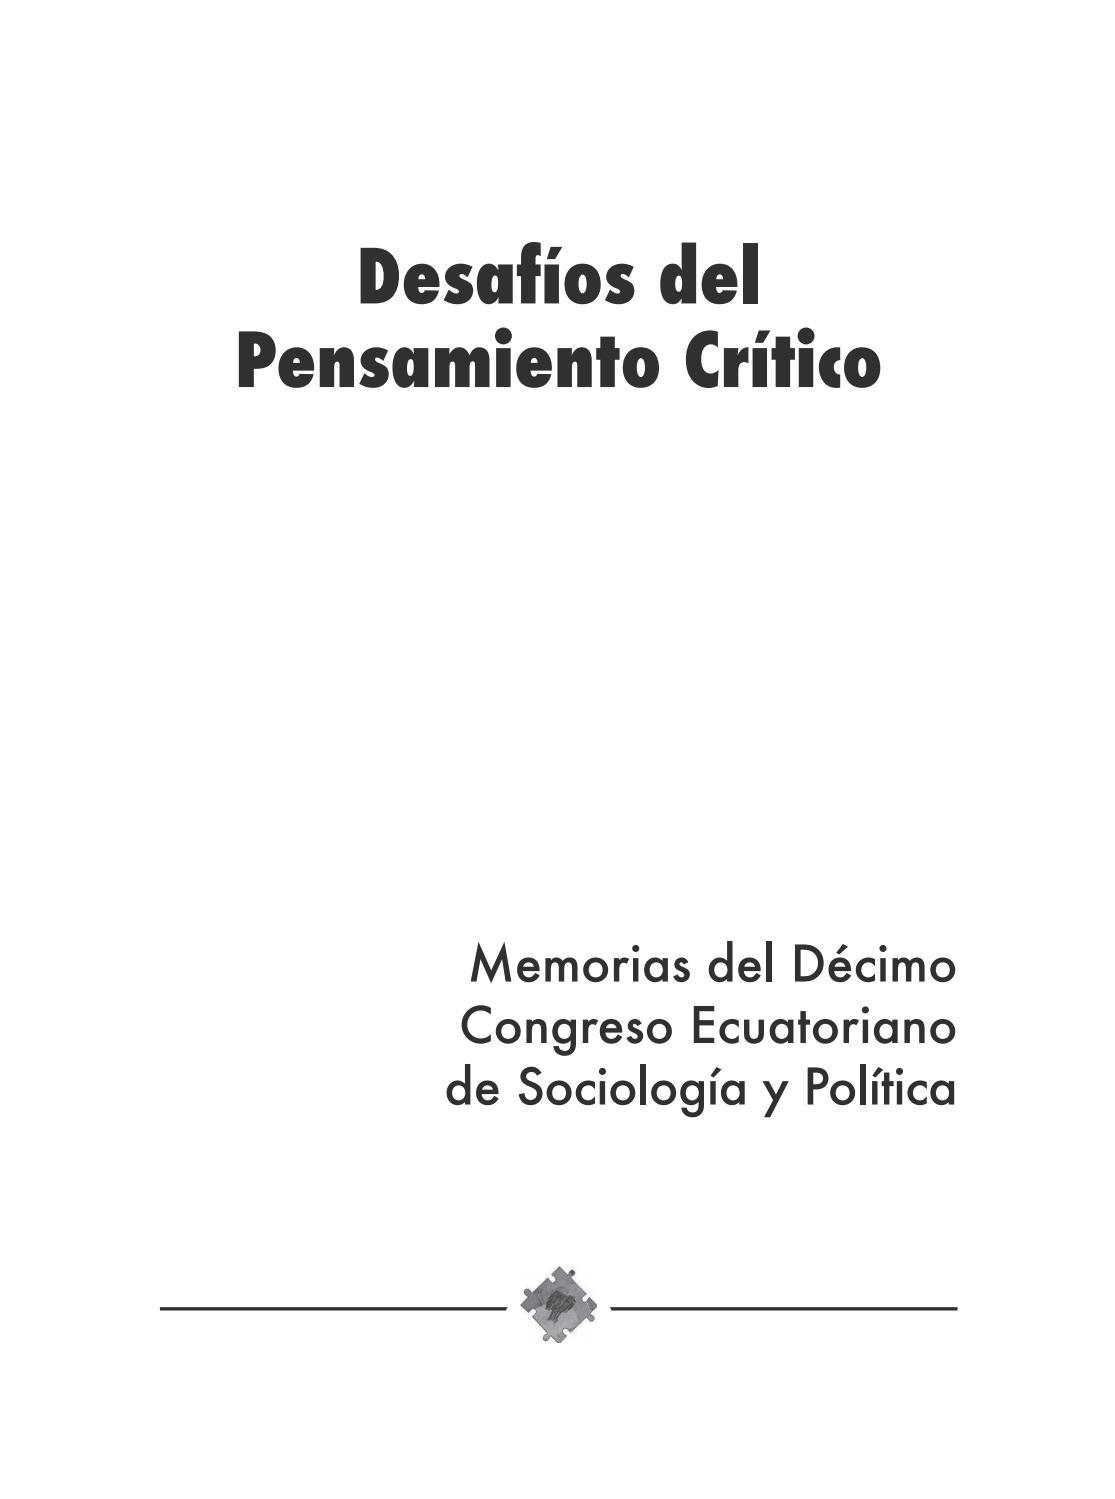 Desafíos del Pensamiento Crítico by uce40 - issuu